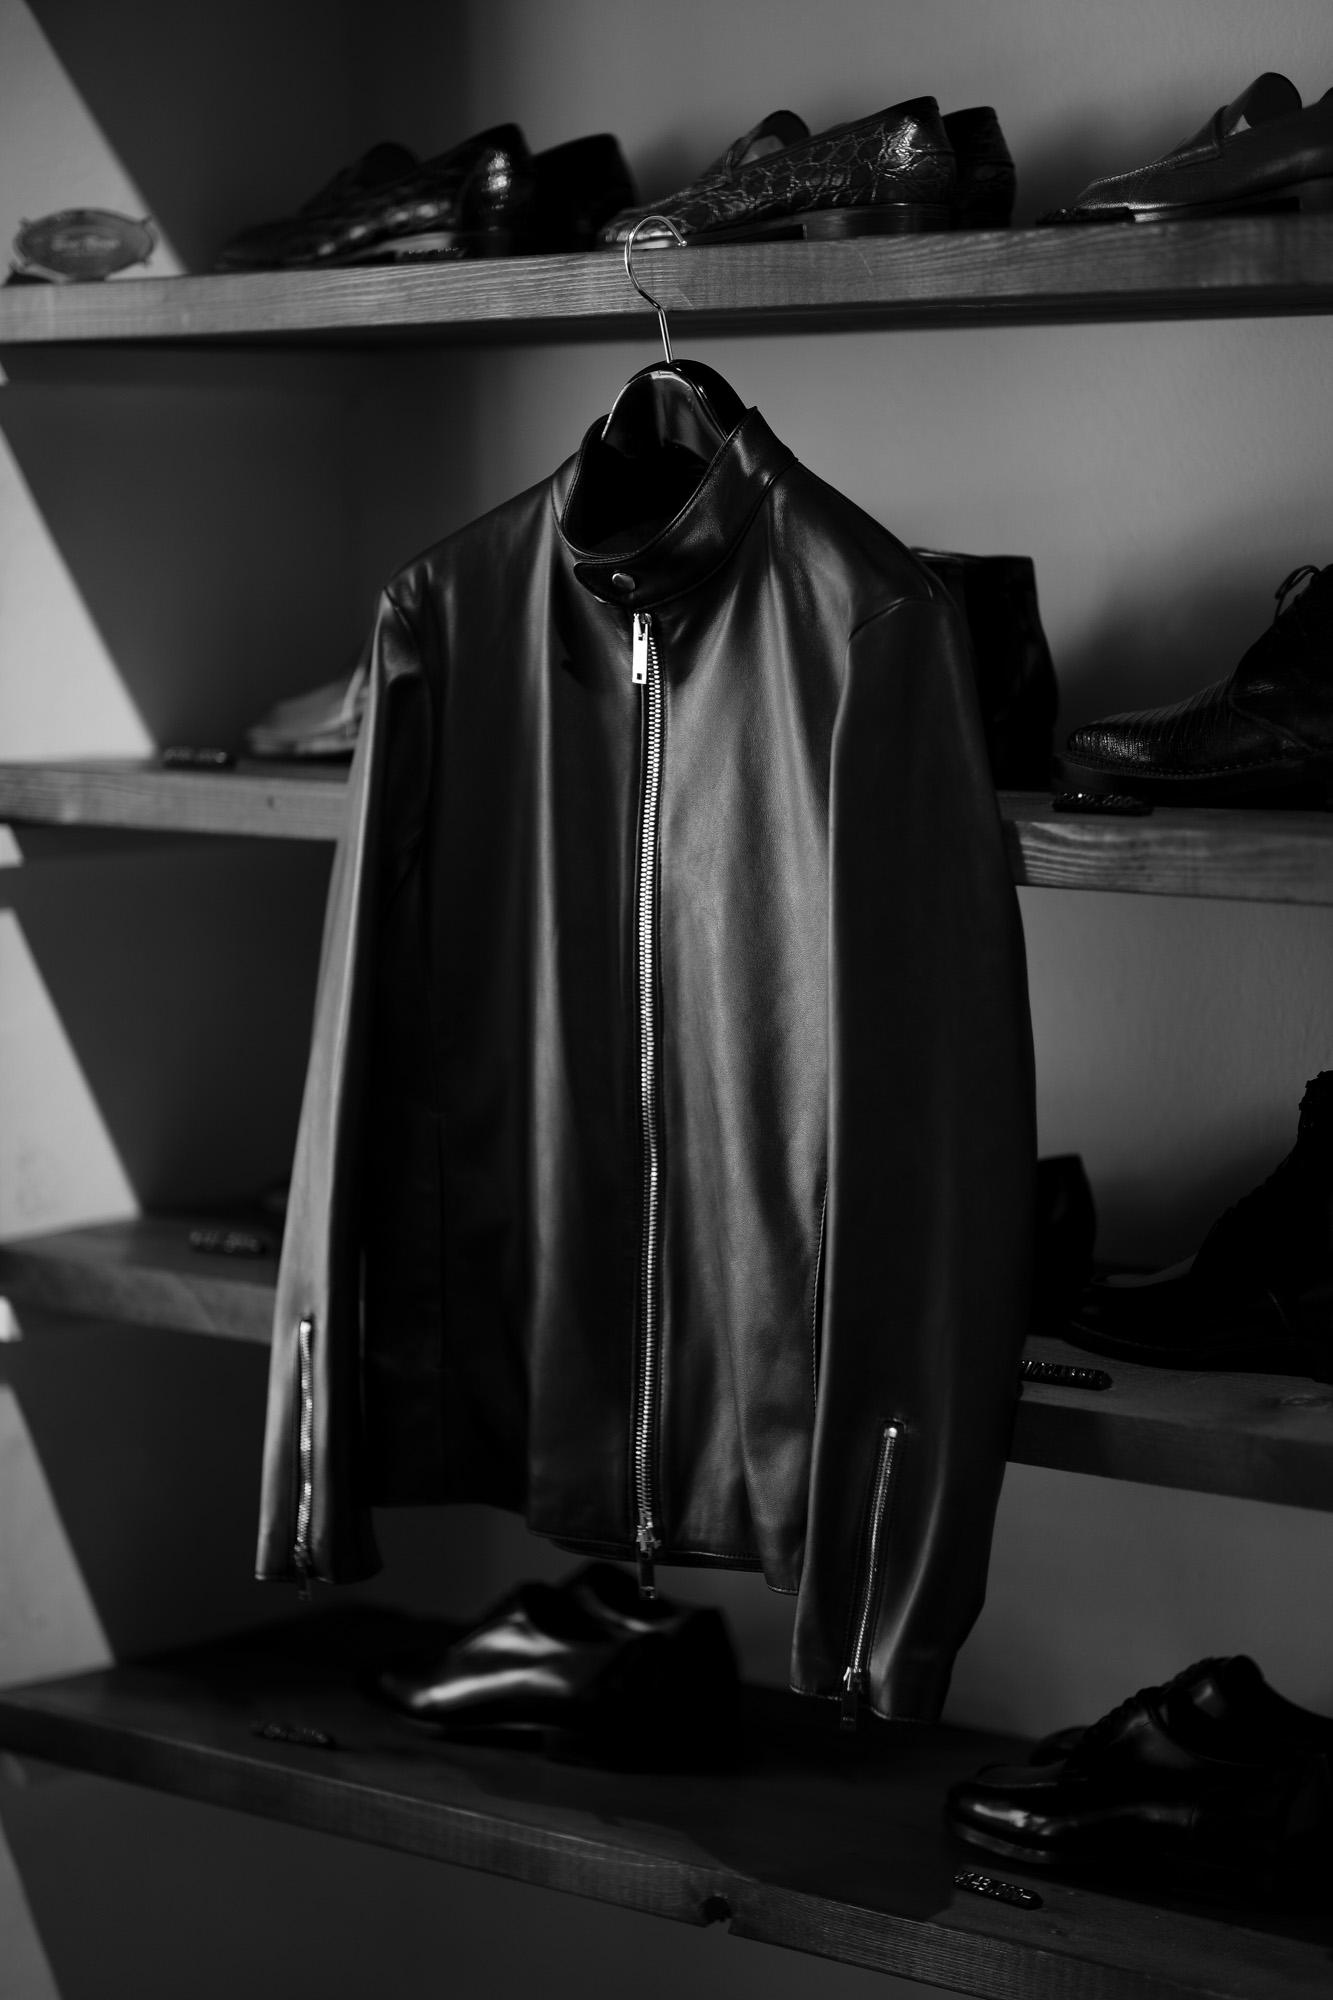 cuervo bopoha Satisfaction Leather Collection RICHARD LAMB LEATHER BLACK 2021 愛知 名古屋 Alto e Diritto altoediritto アルトエデリット シングルライダース レザージャケット ブラック cuervo bopoha (クエルボ ヴァローナ) Satisfaction Leather Collection (サティスファクション レザー コレクション) RICHARD (リチャード) LAMB LEATHER (ラムレザー) シングル ライダース ジャケット BLACK (ブラック) MADE IN JAPAN (日本製) 2021